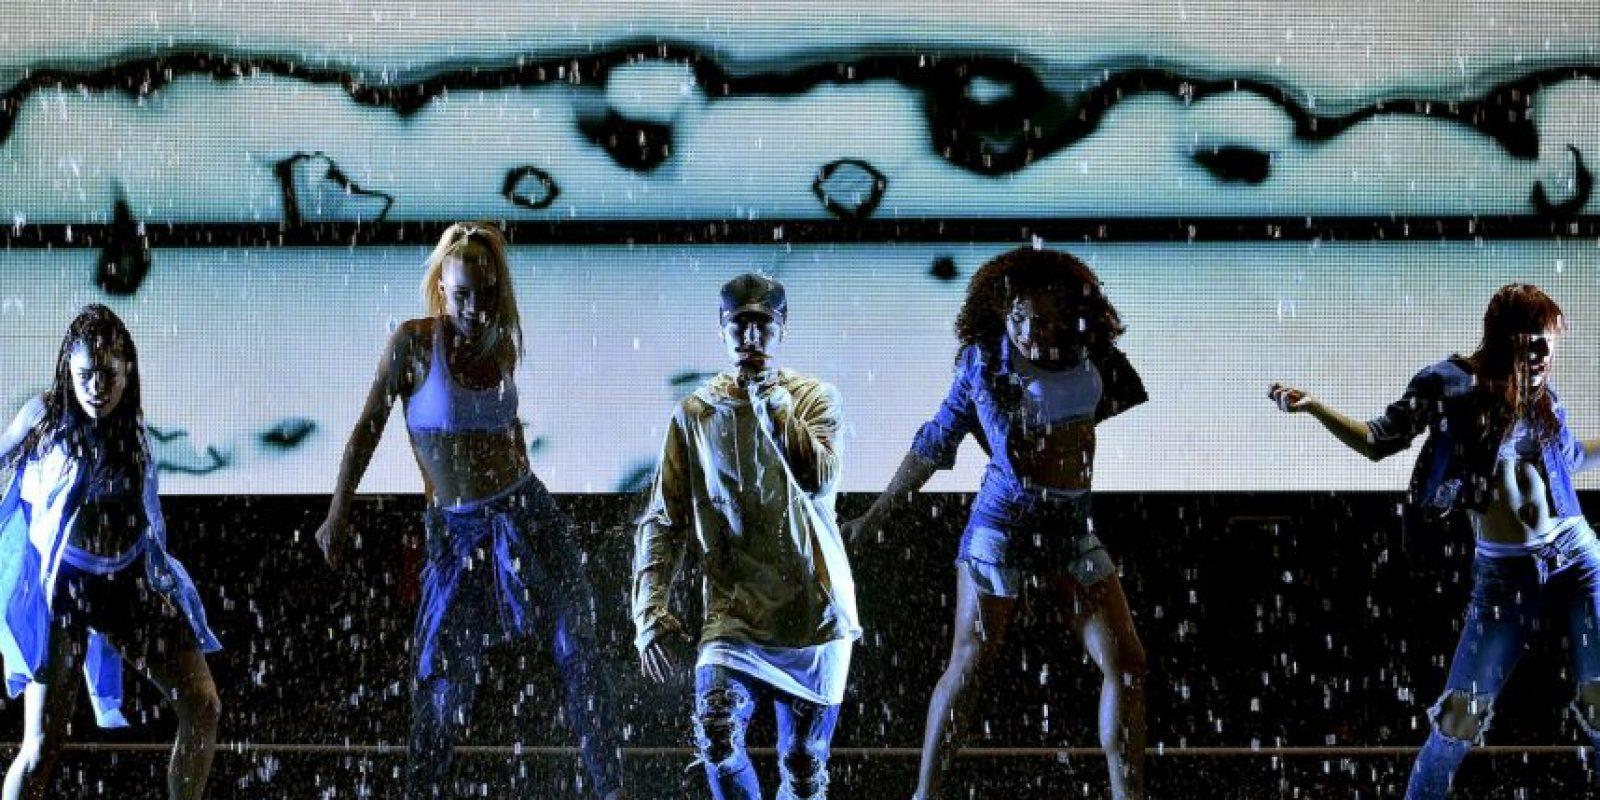 6. En 2013, Justin Bieber criticó los problemas financieron de Lindsay Lohan. Foto:Getty Images